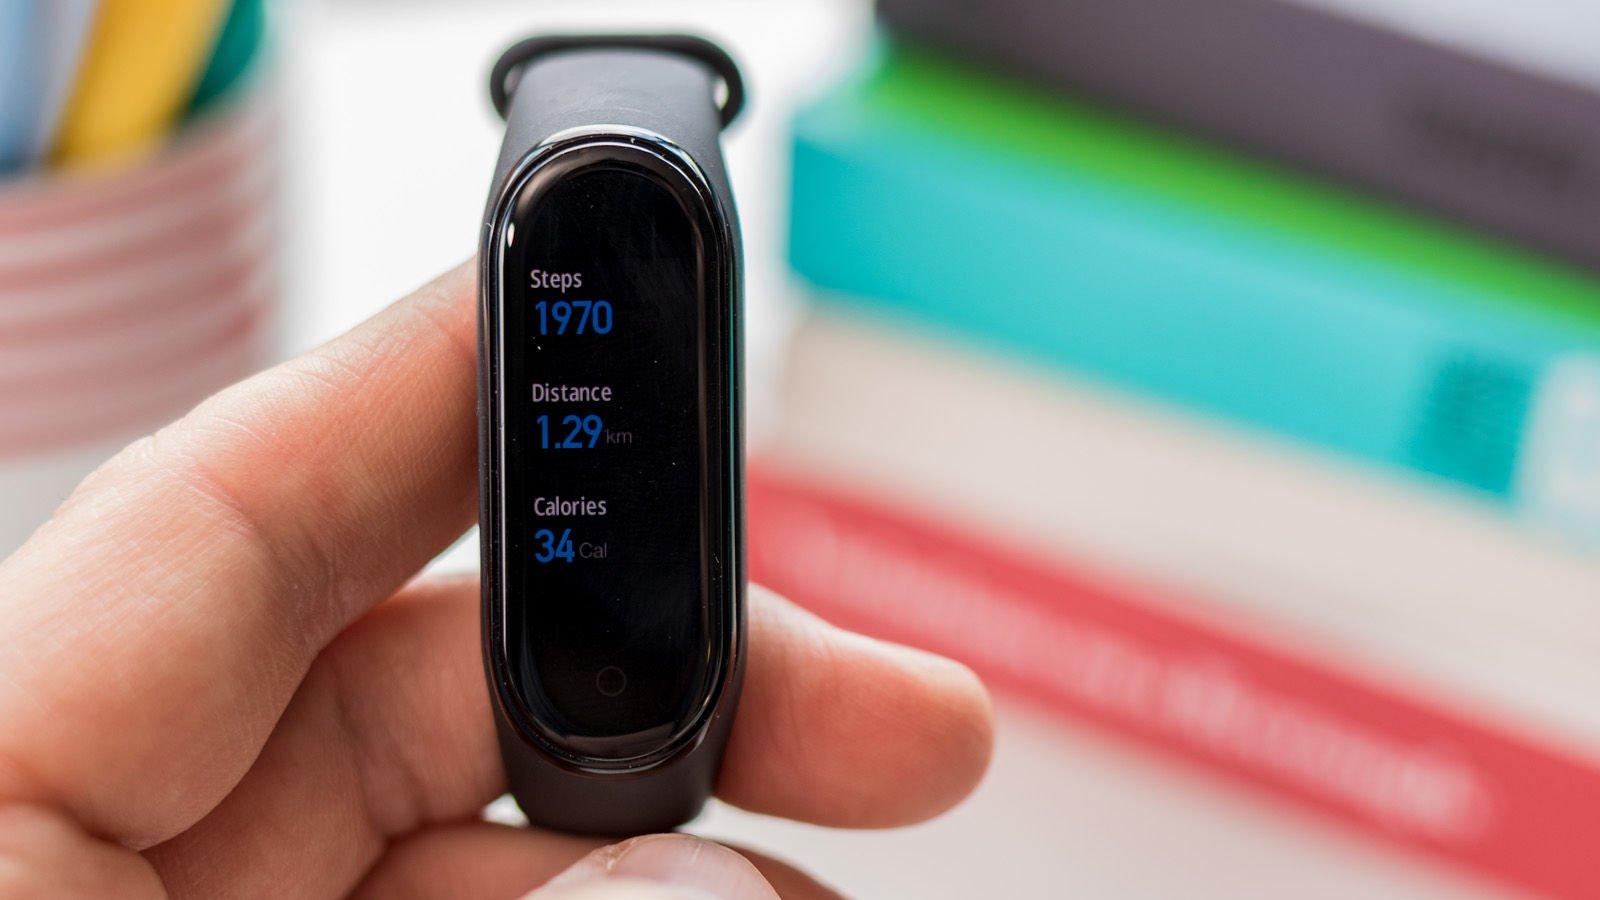 تعداد قدم ها، مسافت پیموده شده و کالری سوزانده شده توسط بدن شما بر روی Mi Band 4 قابل مشاهده میباشند